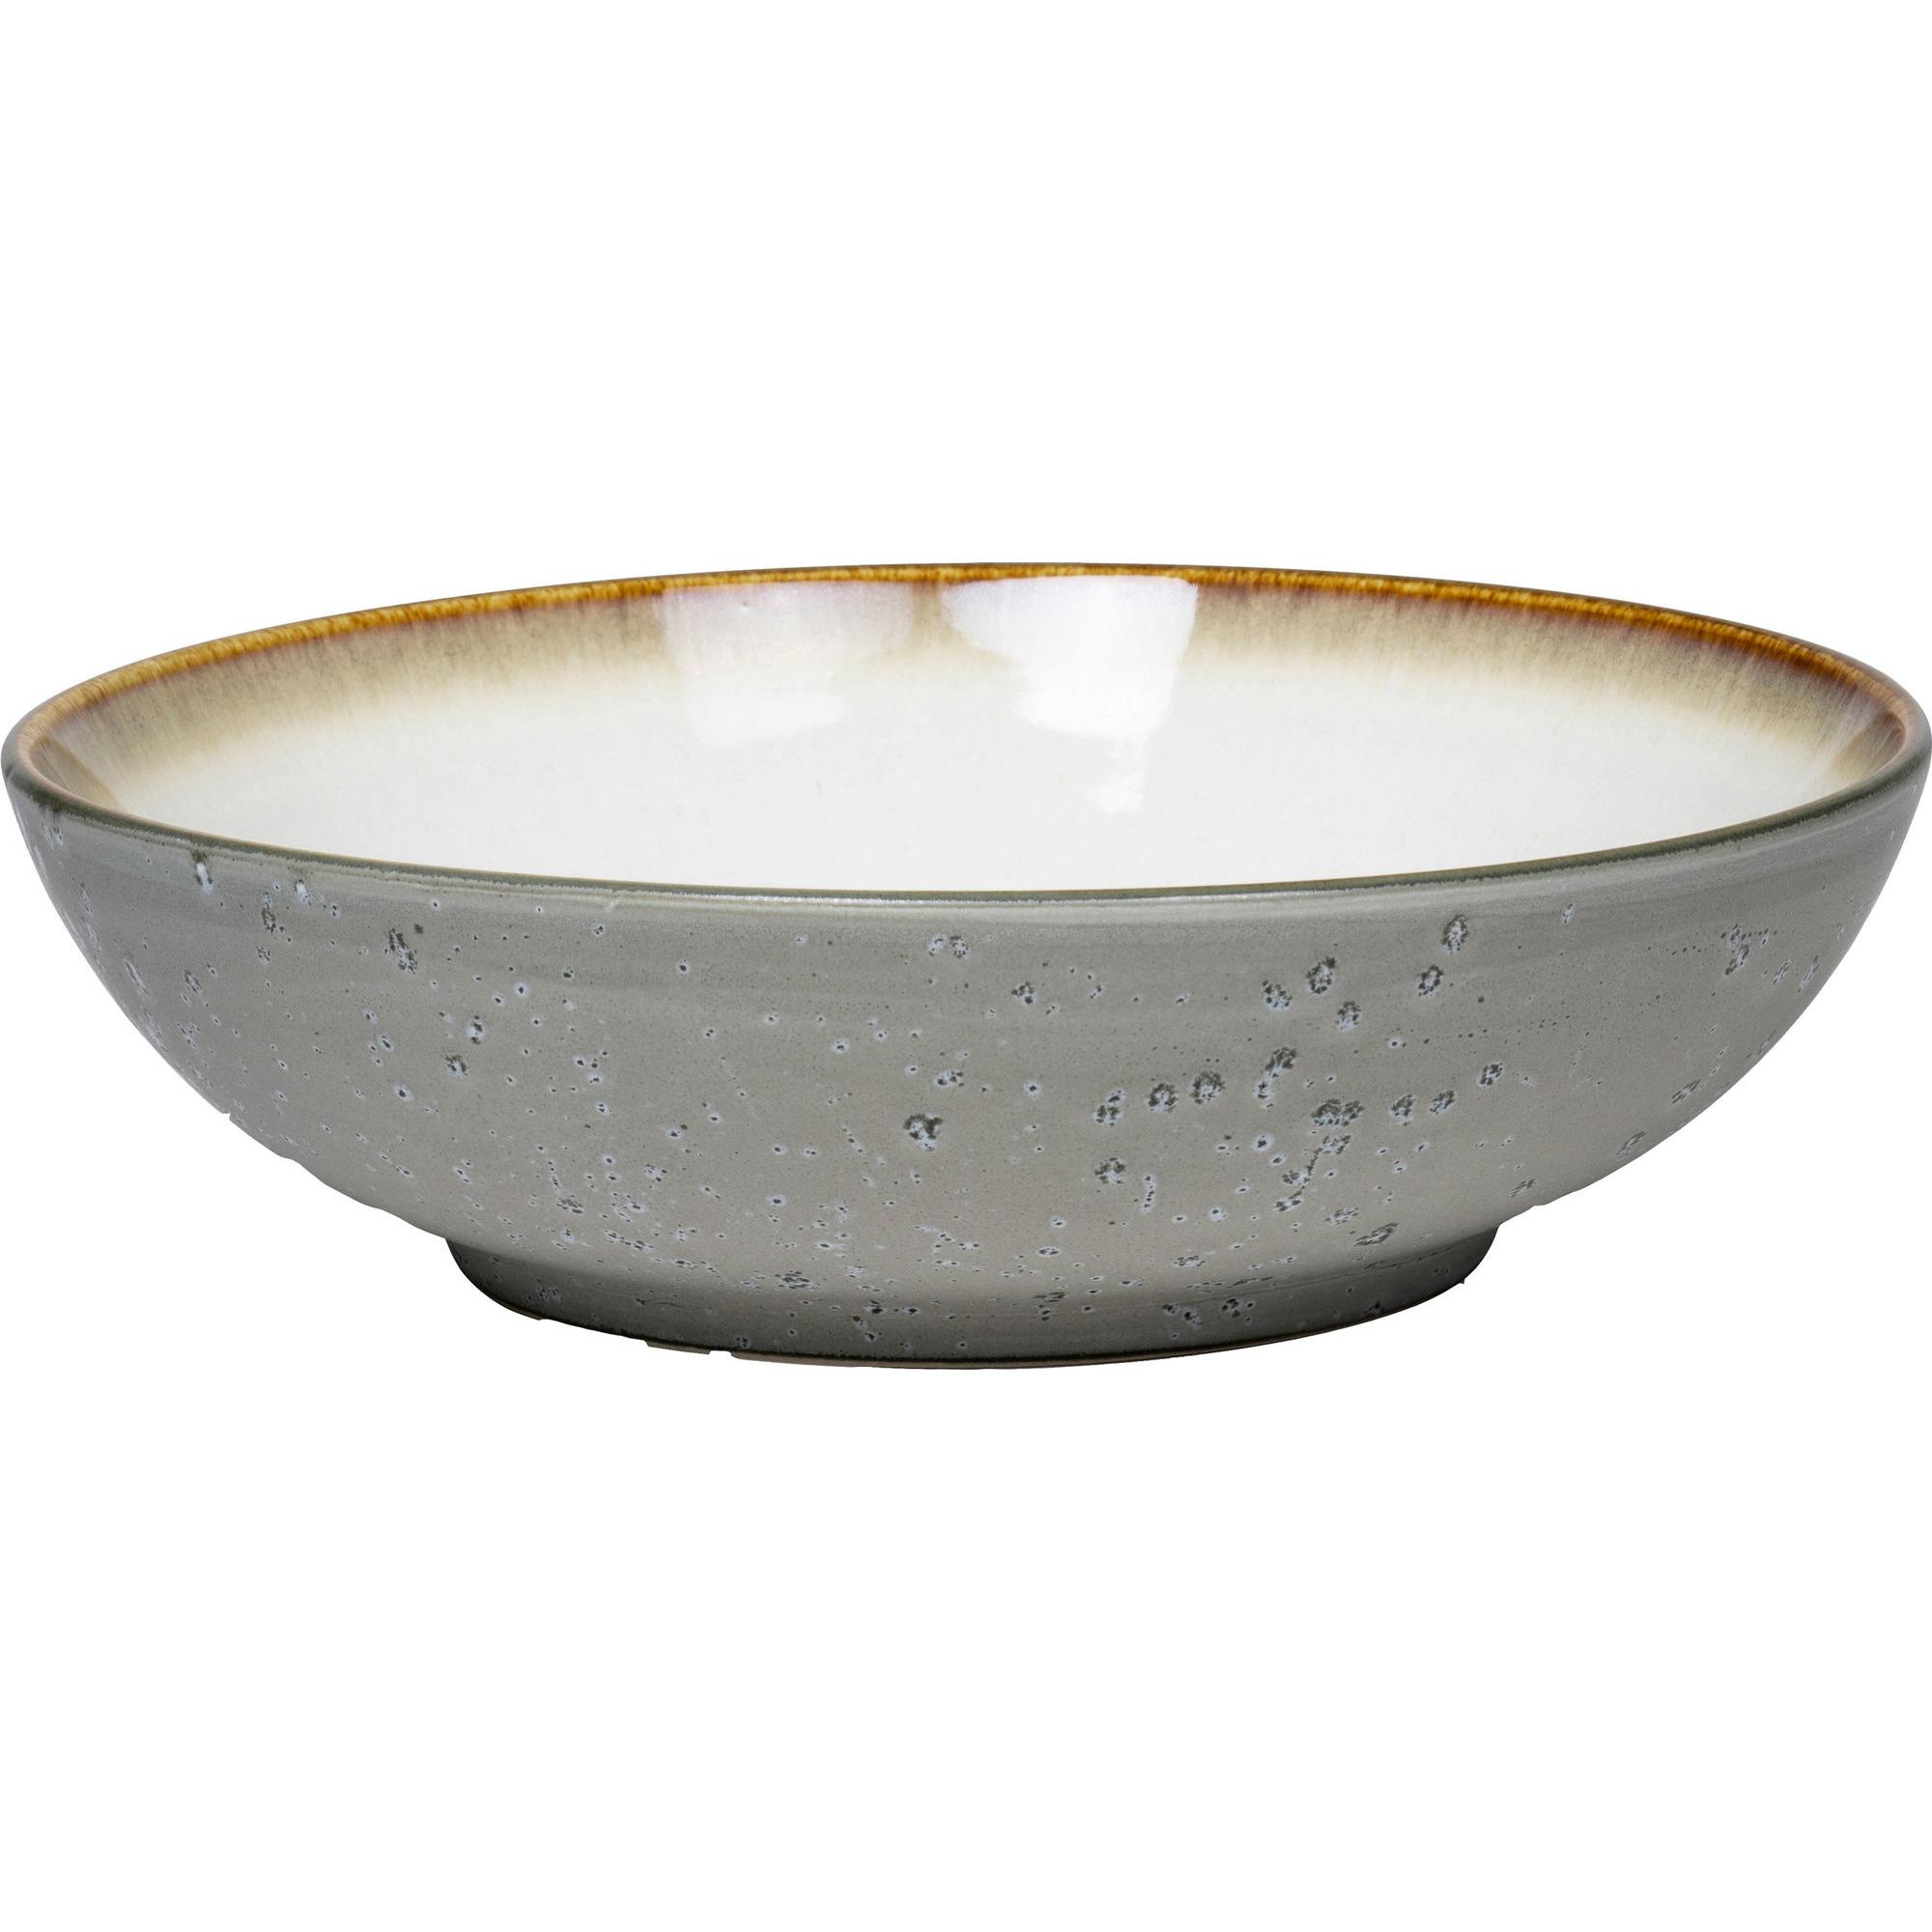 Bitz Salladsskål 24 cm grå/creme